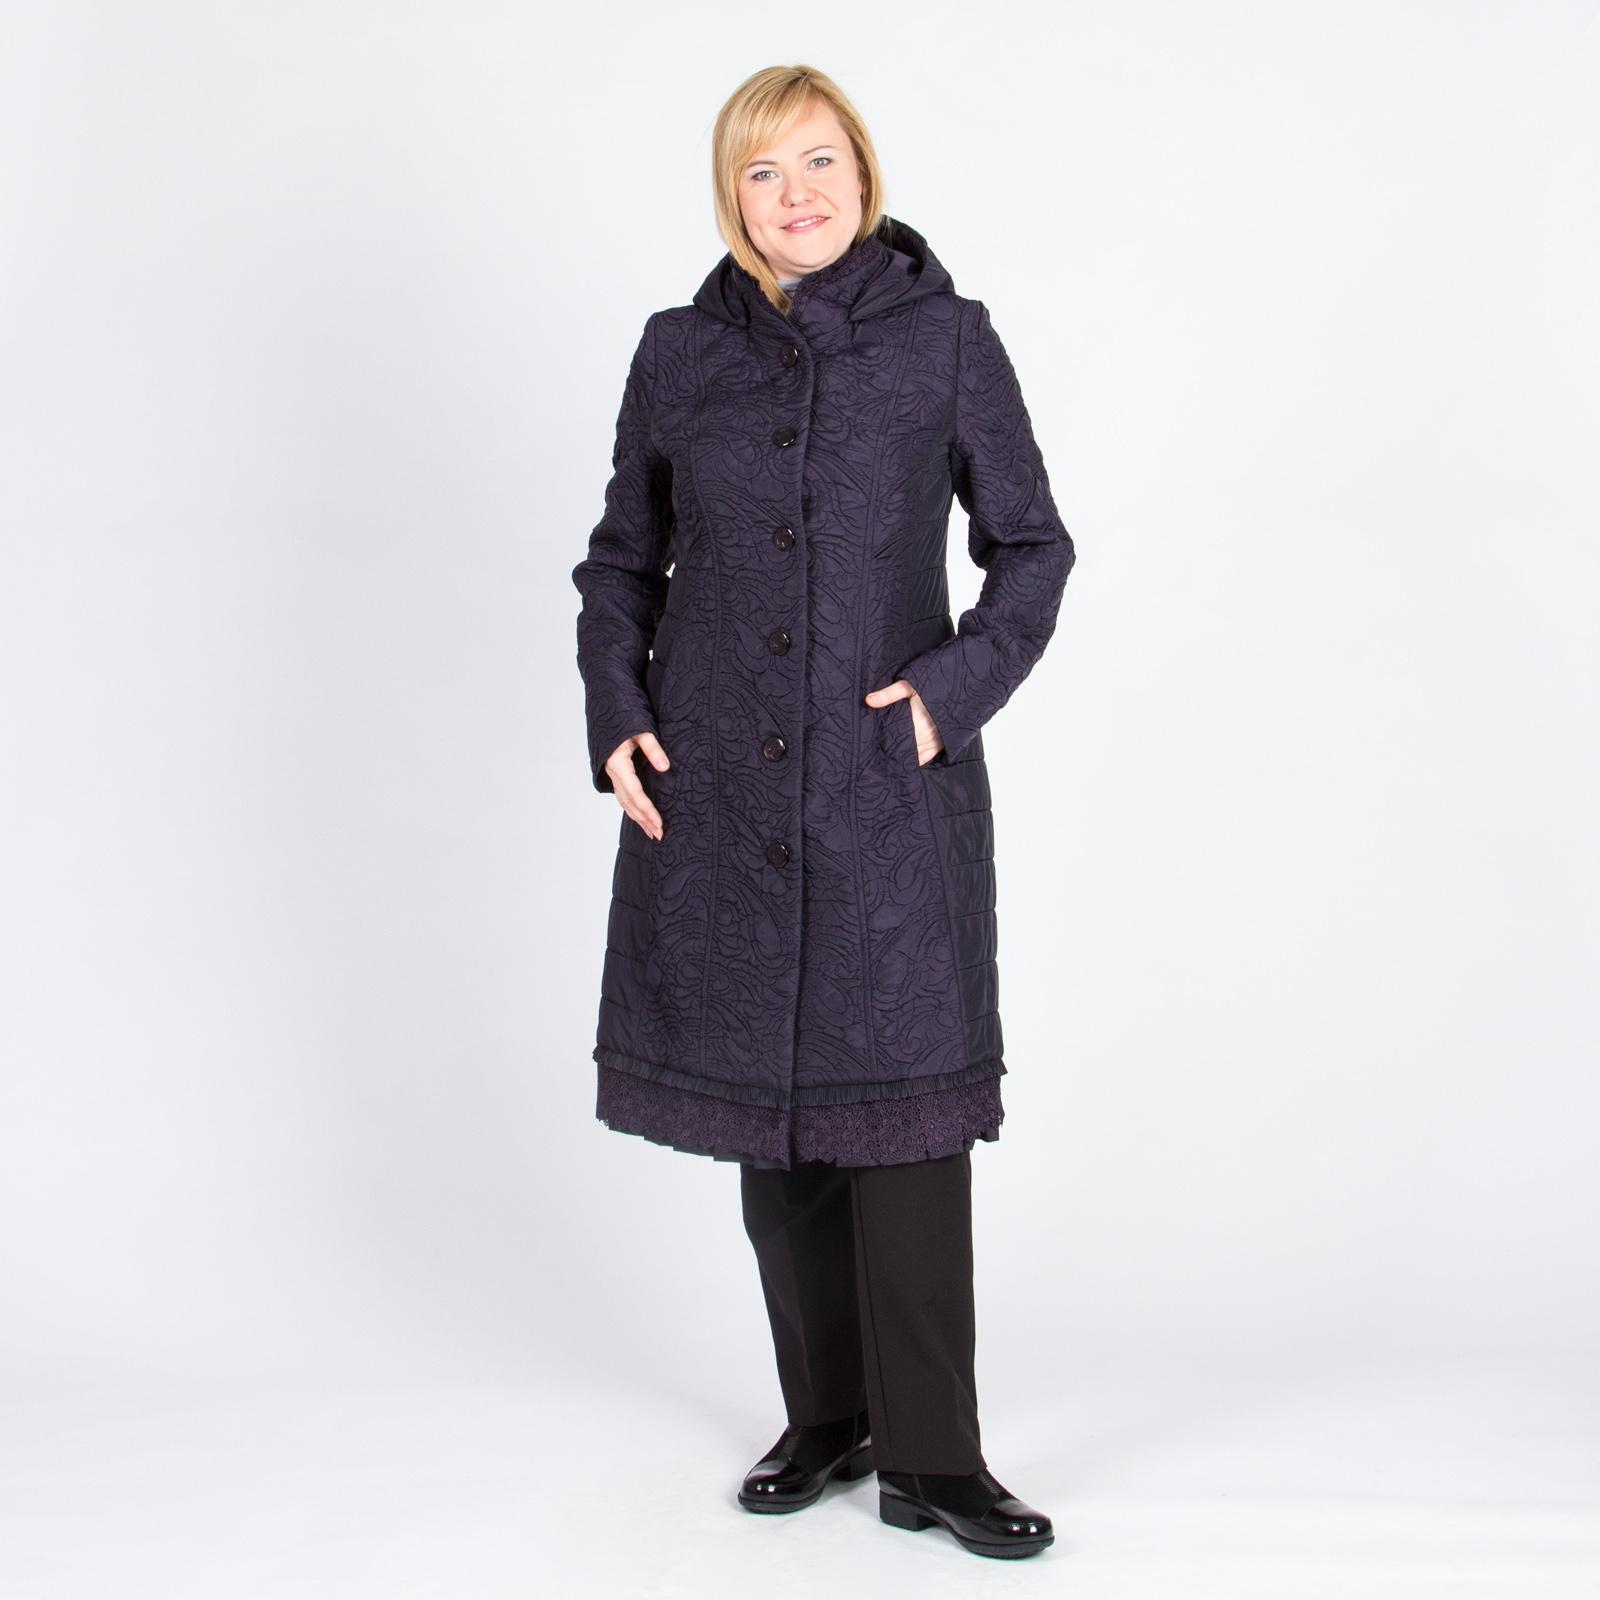 Пальто на пуговицах с кружевной отделкой